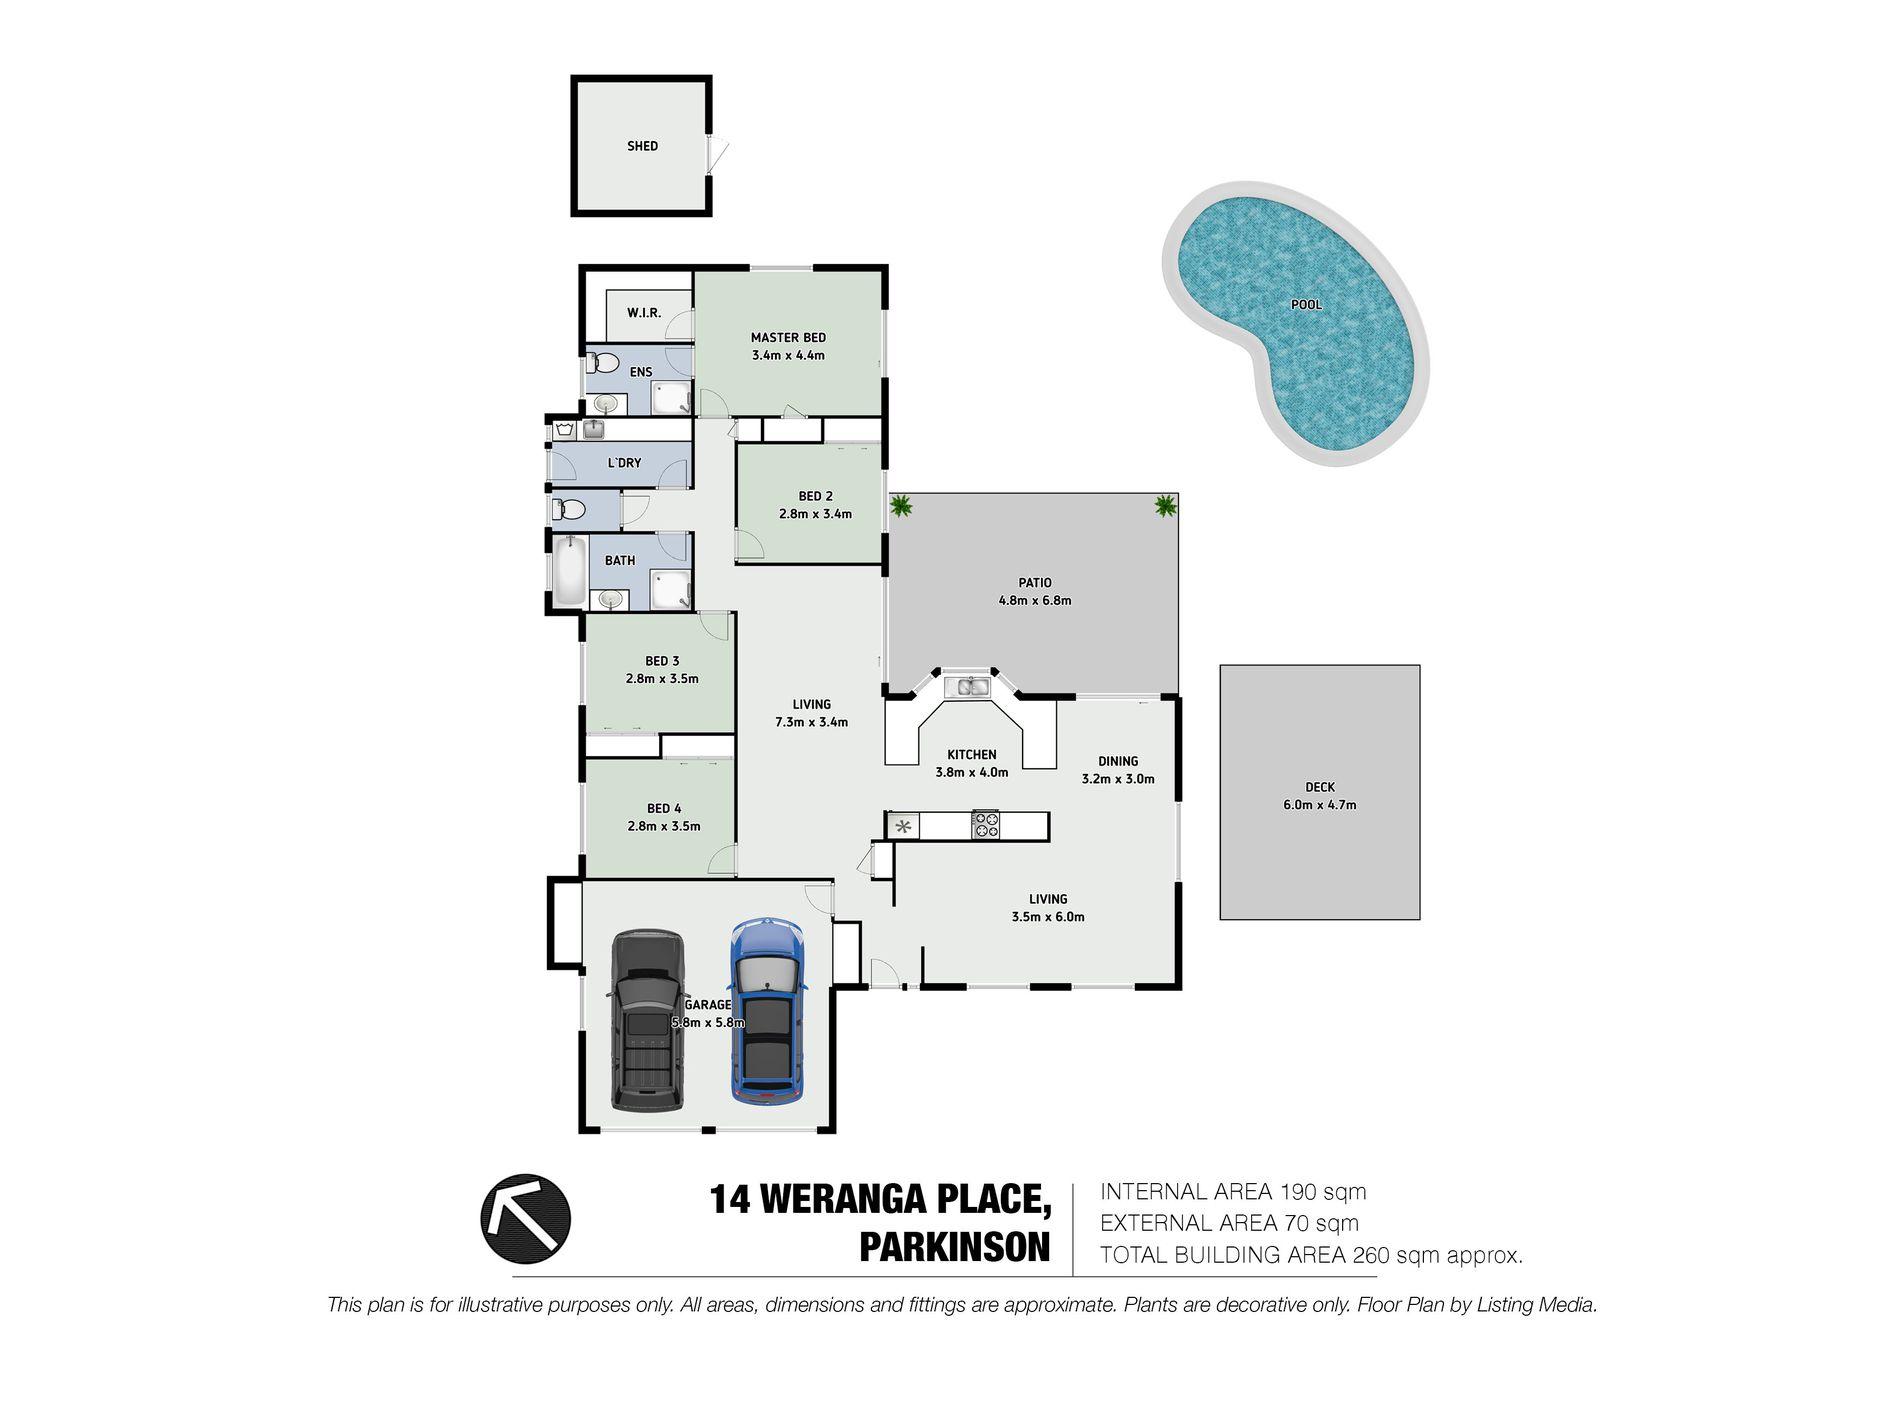 14 Weranga Place, Parkinson